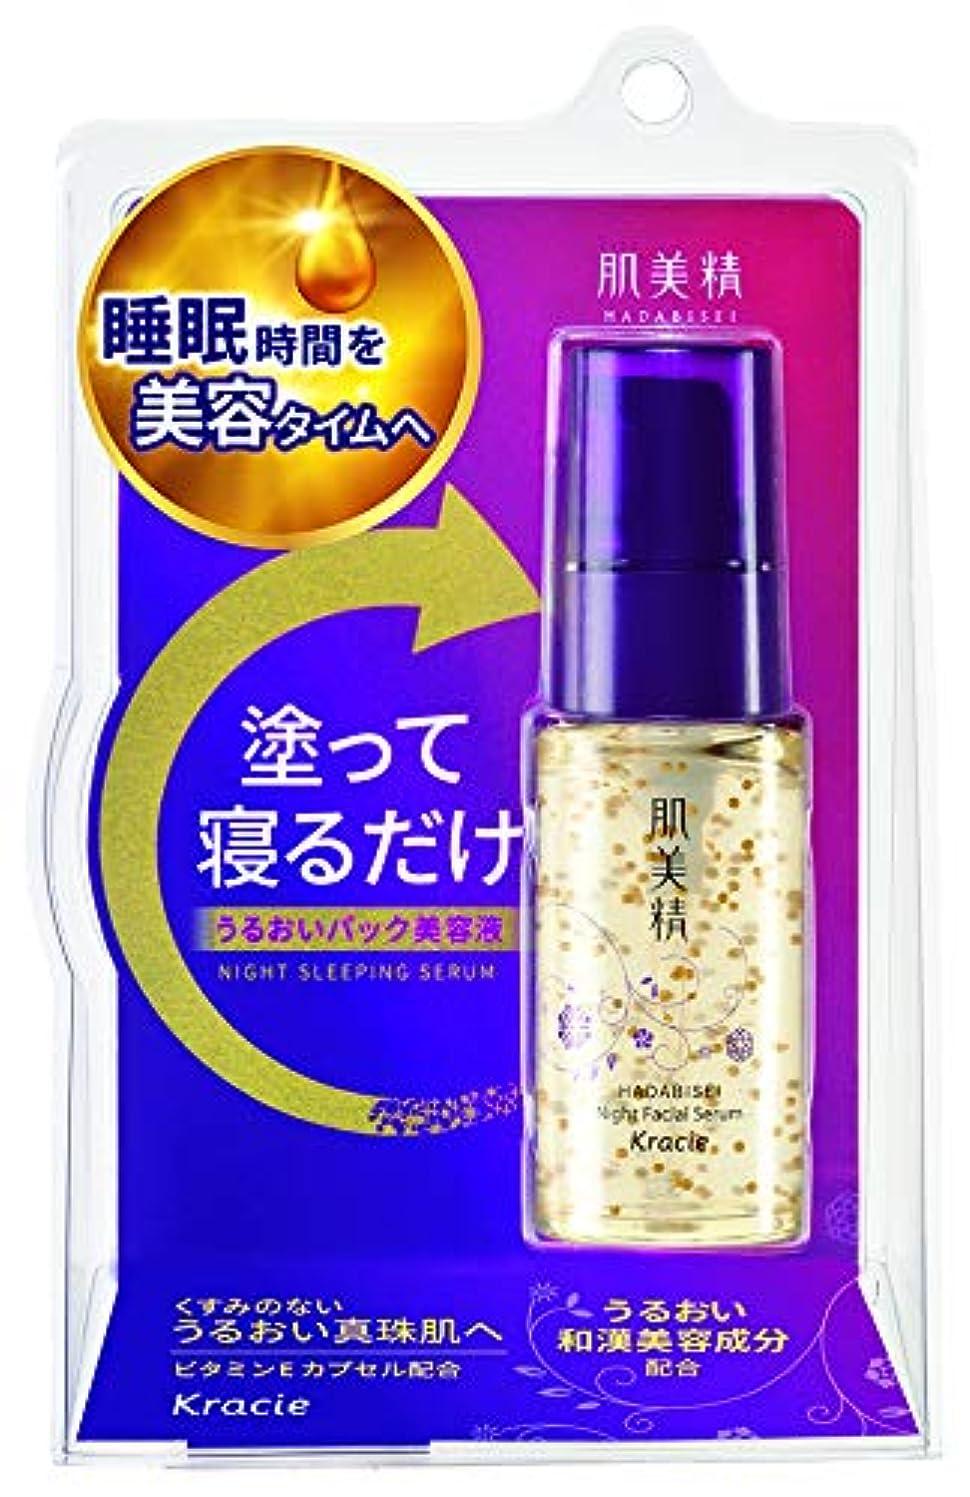 なかなか冗談でドリル肌美精 ターニングケア保湿 ナイトスリーピングセラム美容液30g ビタミンEカプセル配合